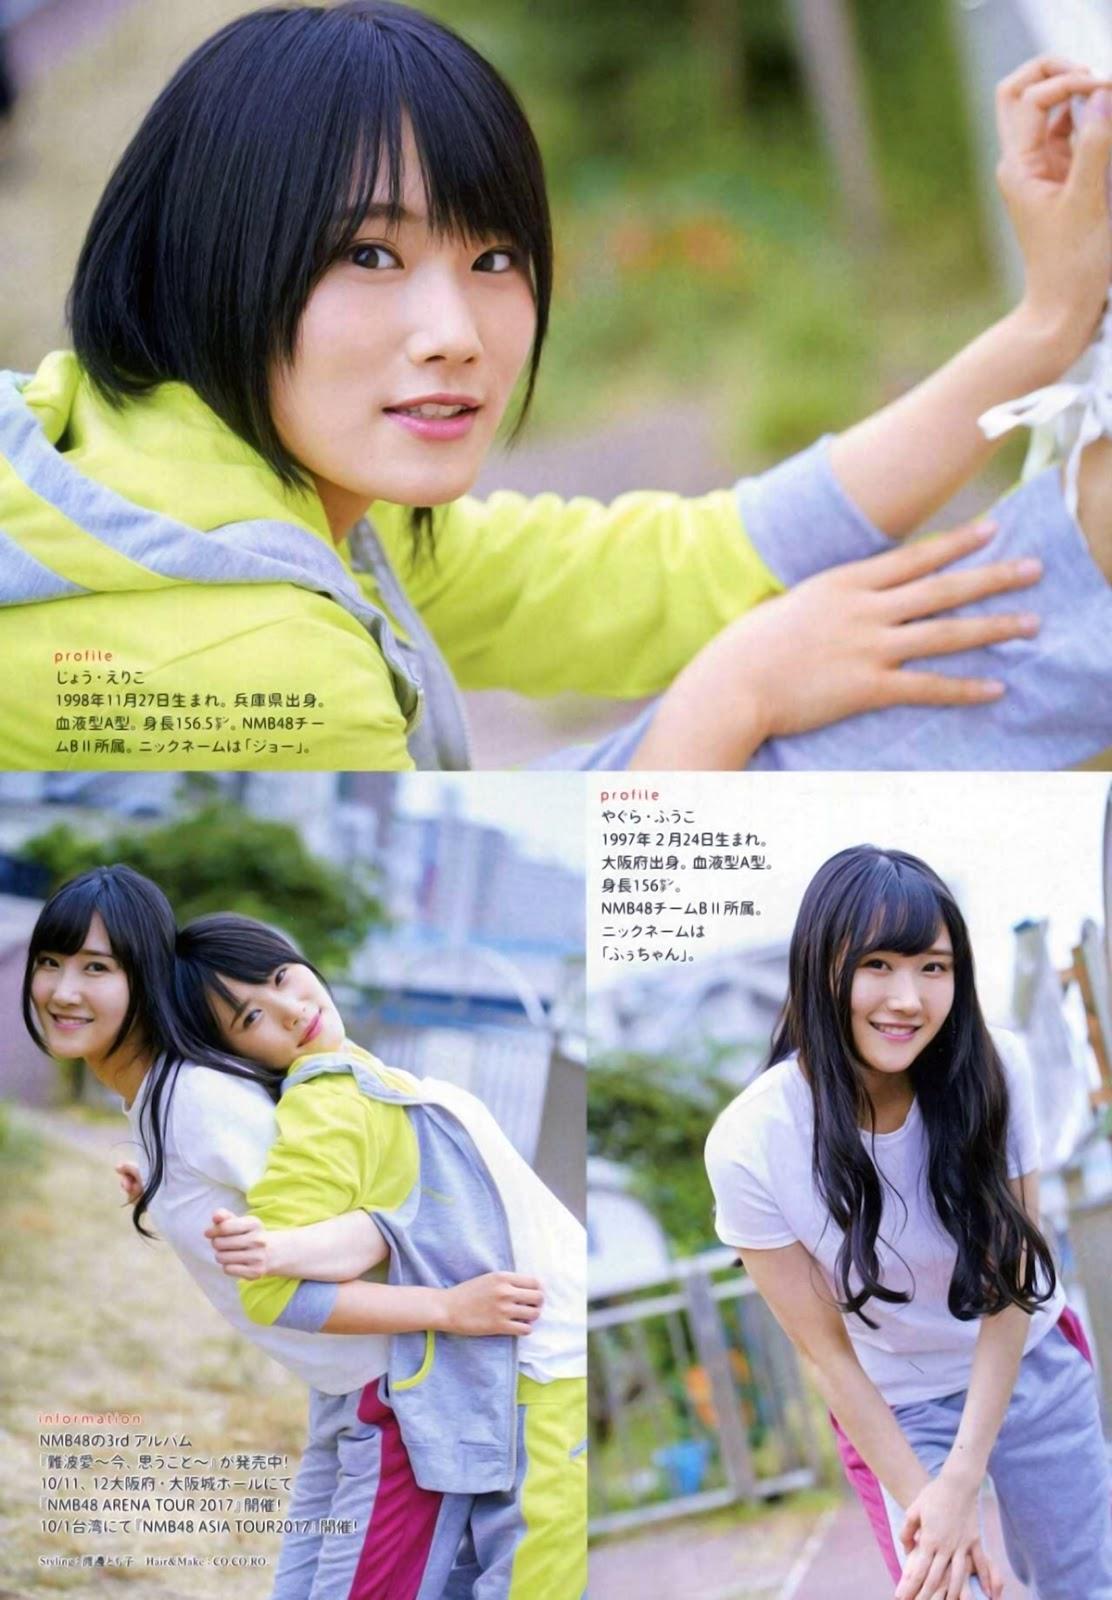 Yagura Fuuko 矢倉楓子, Jo Eriko 城恵理子, ENTAME 2017.11 (月刊エンタメ 2017年11月号)